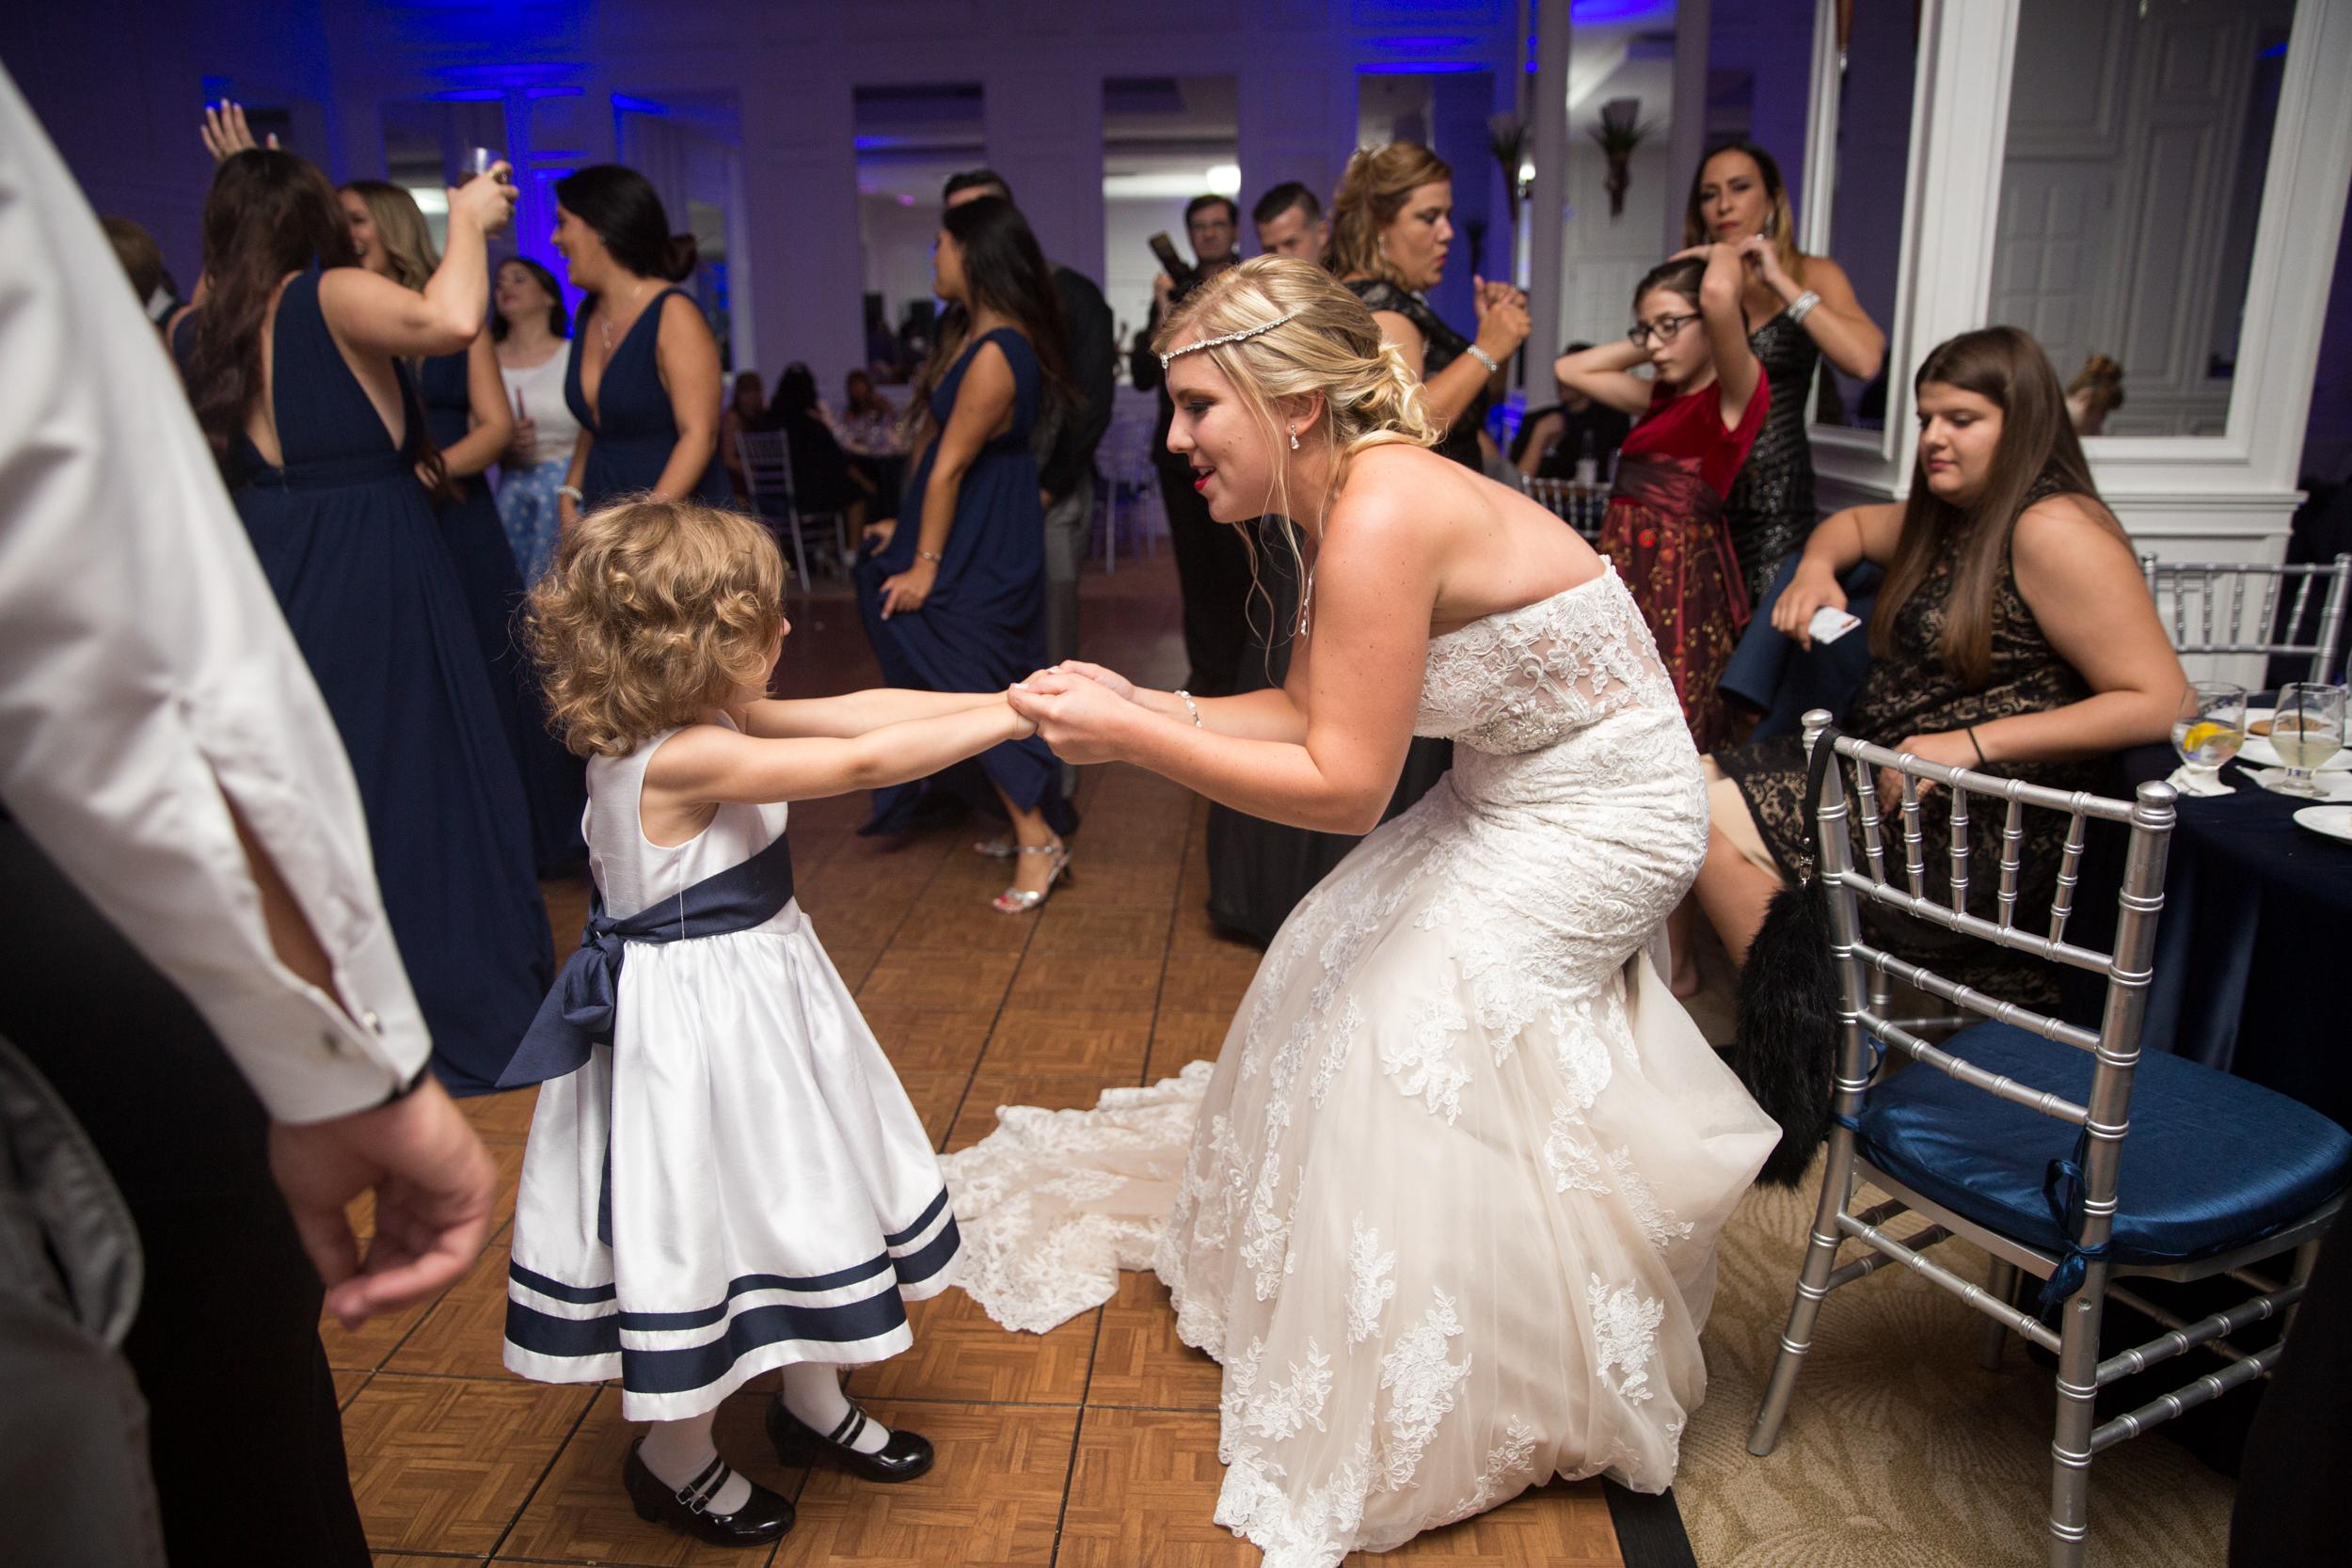 10-14-17_AshleyRichard_Wedding-155.jpg